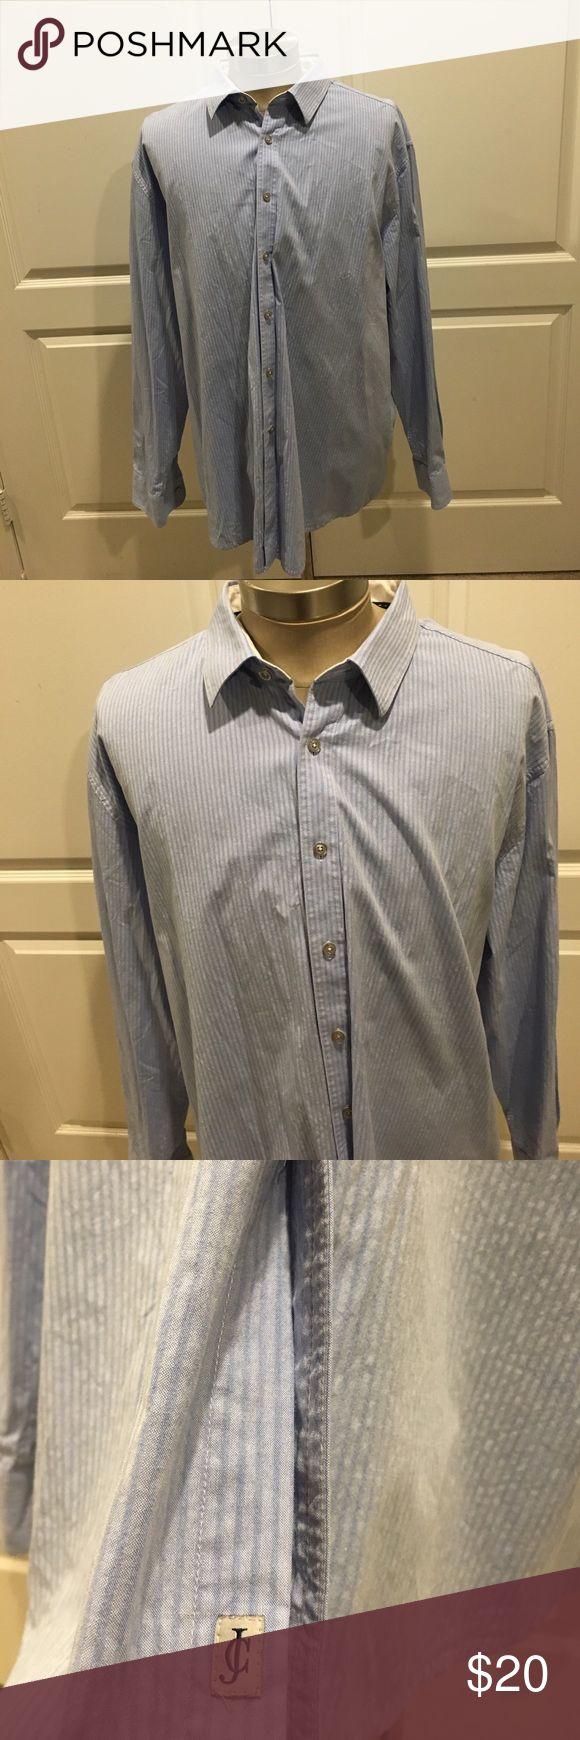 James Campbell men's dress shirt XXL Button Up Blue striped James Campbell Shirts Dress Shirts